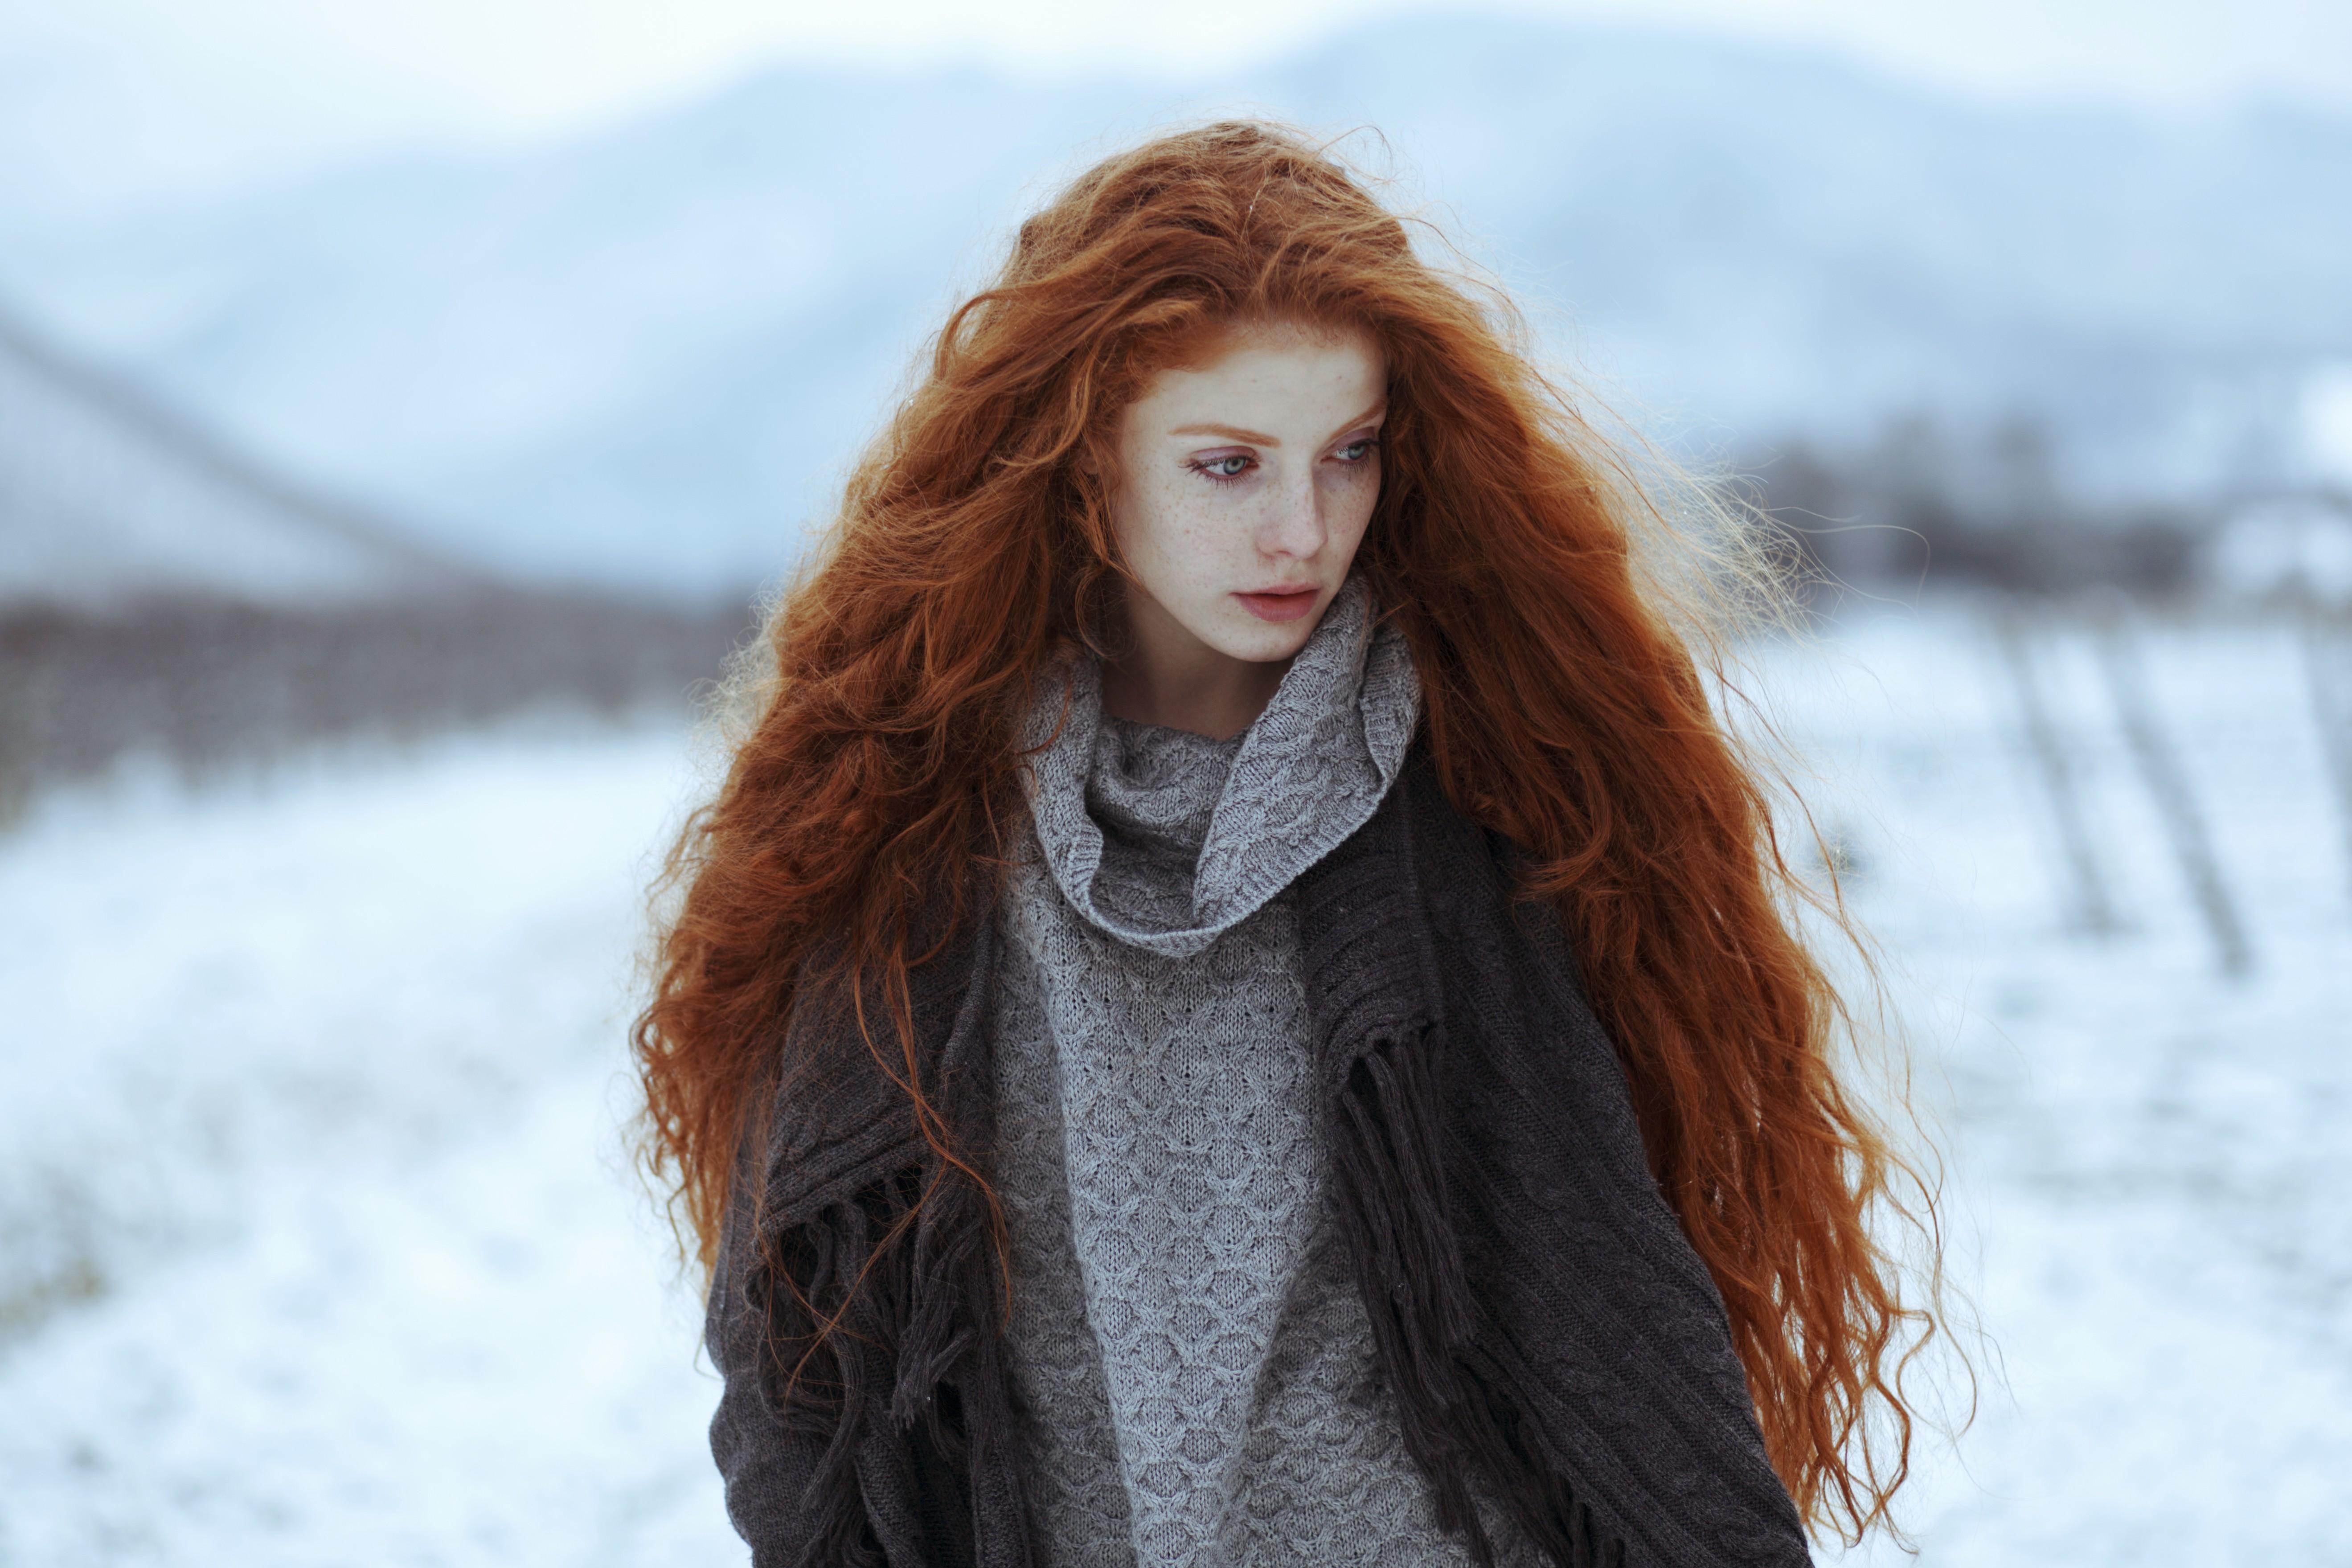 Рыжая девушка с длинными волосами